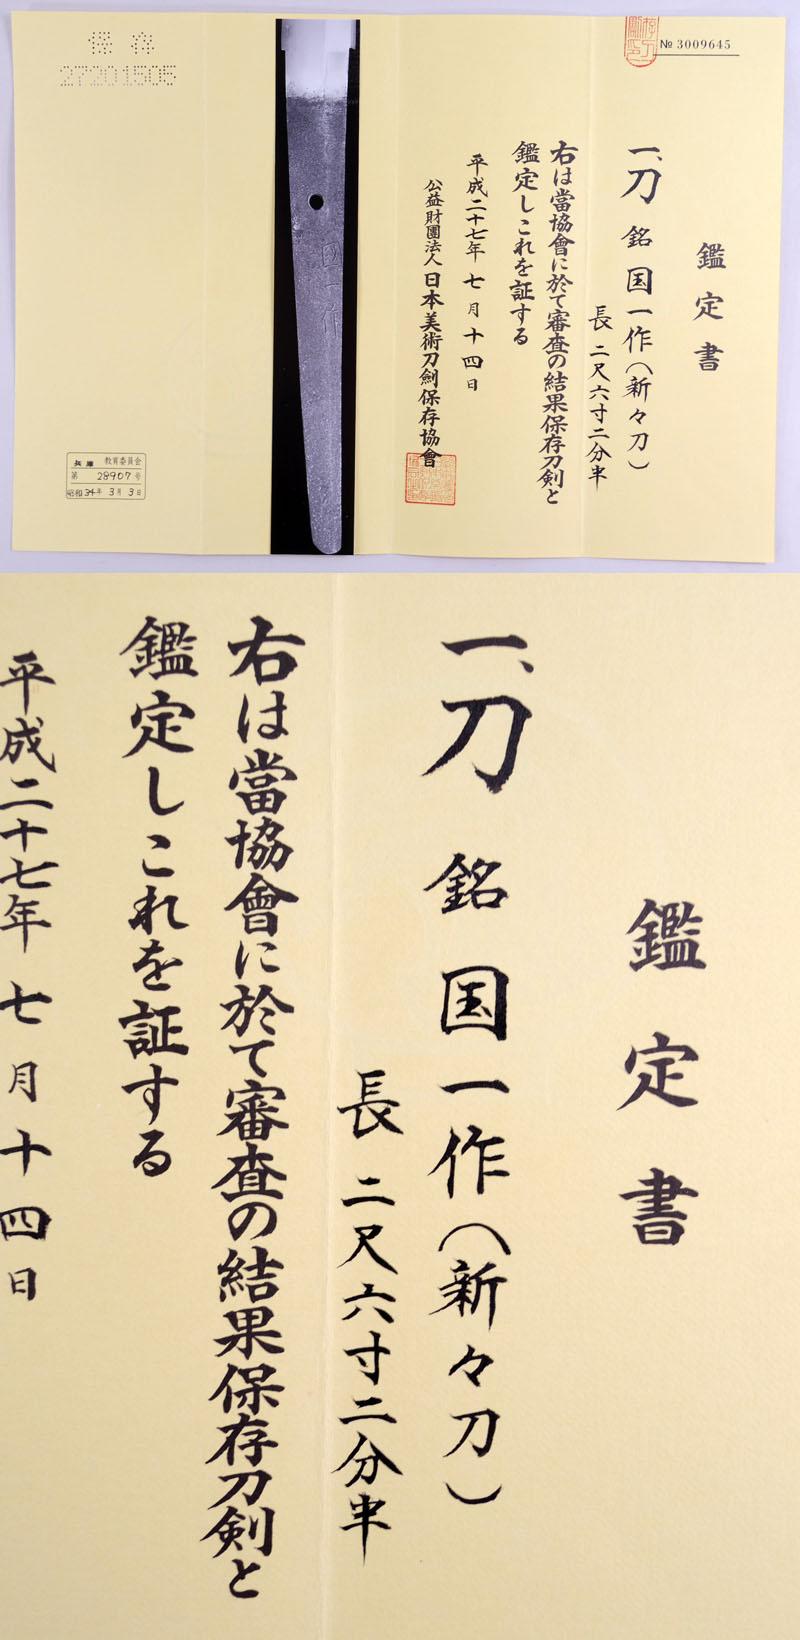 国一作 Picture of Certificate